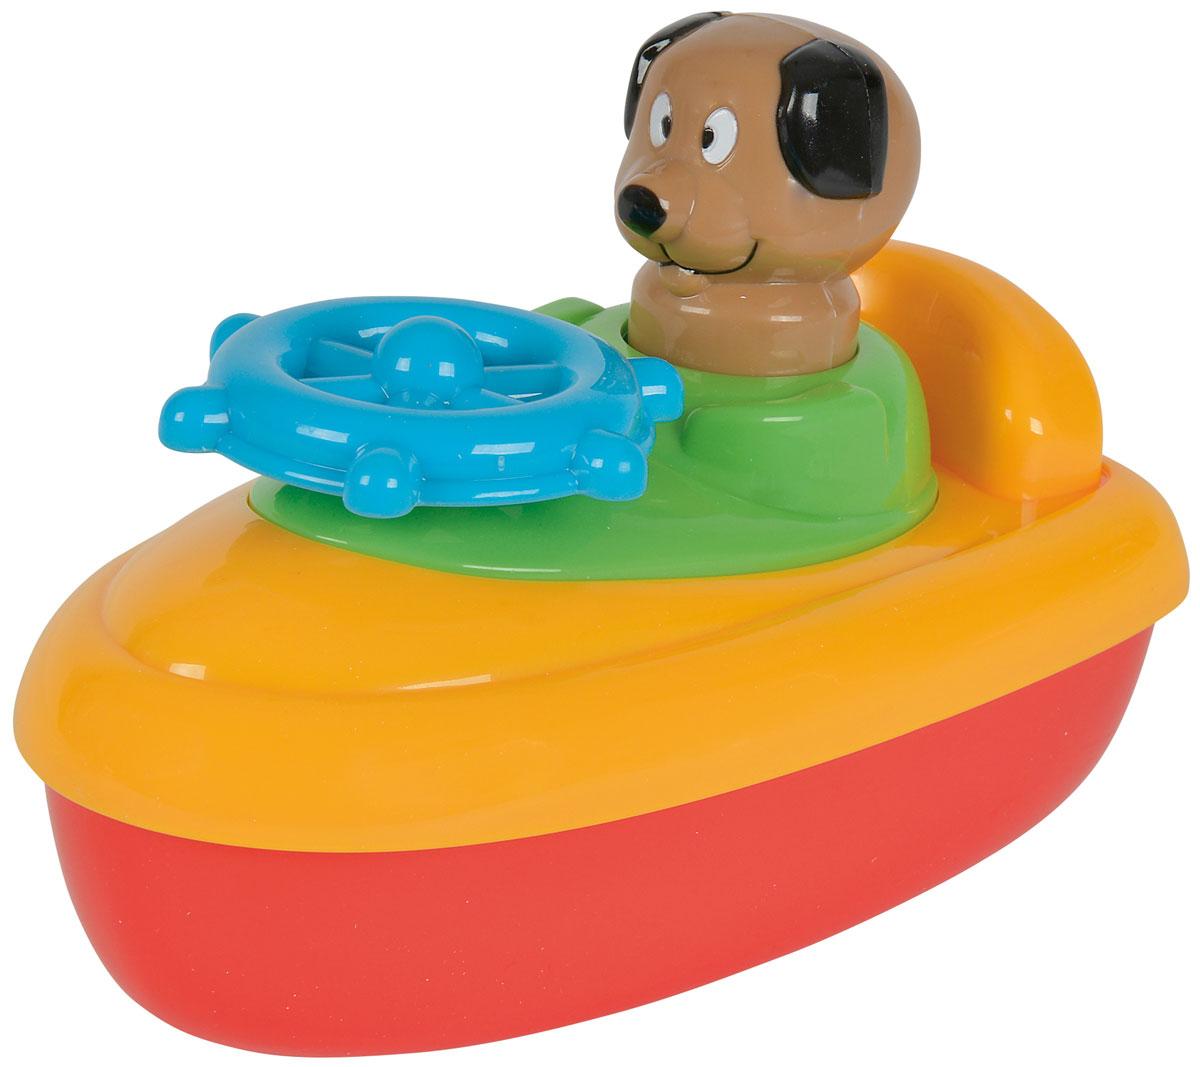 Simba Игрушка для ванны Лодка с собачкой4017Лодка с фигуркой, 2 вида. Для игры в ванне В руль встроена трещетка Для детей от 3 месяцев.